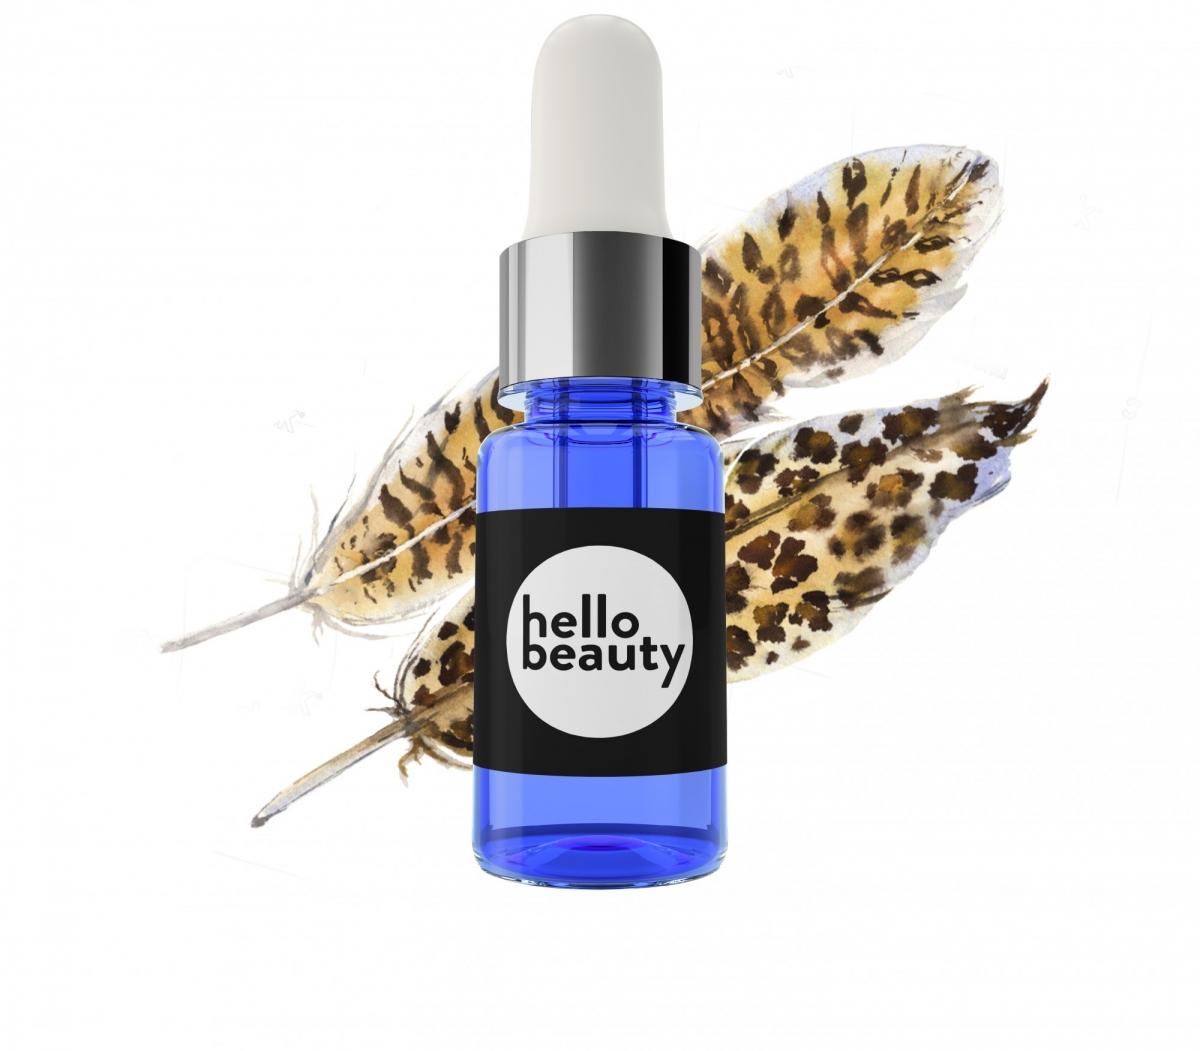 Антивозрастная сыворотка Hello Beauty 18+ с омолаживающими экстрактами растений, 10 мл